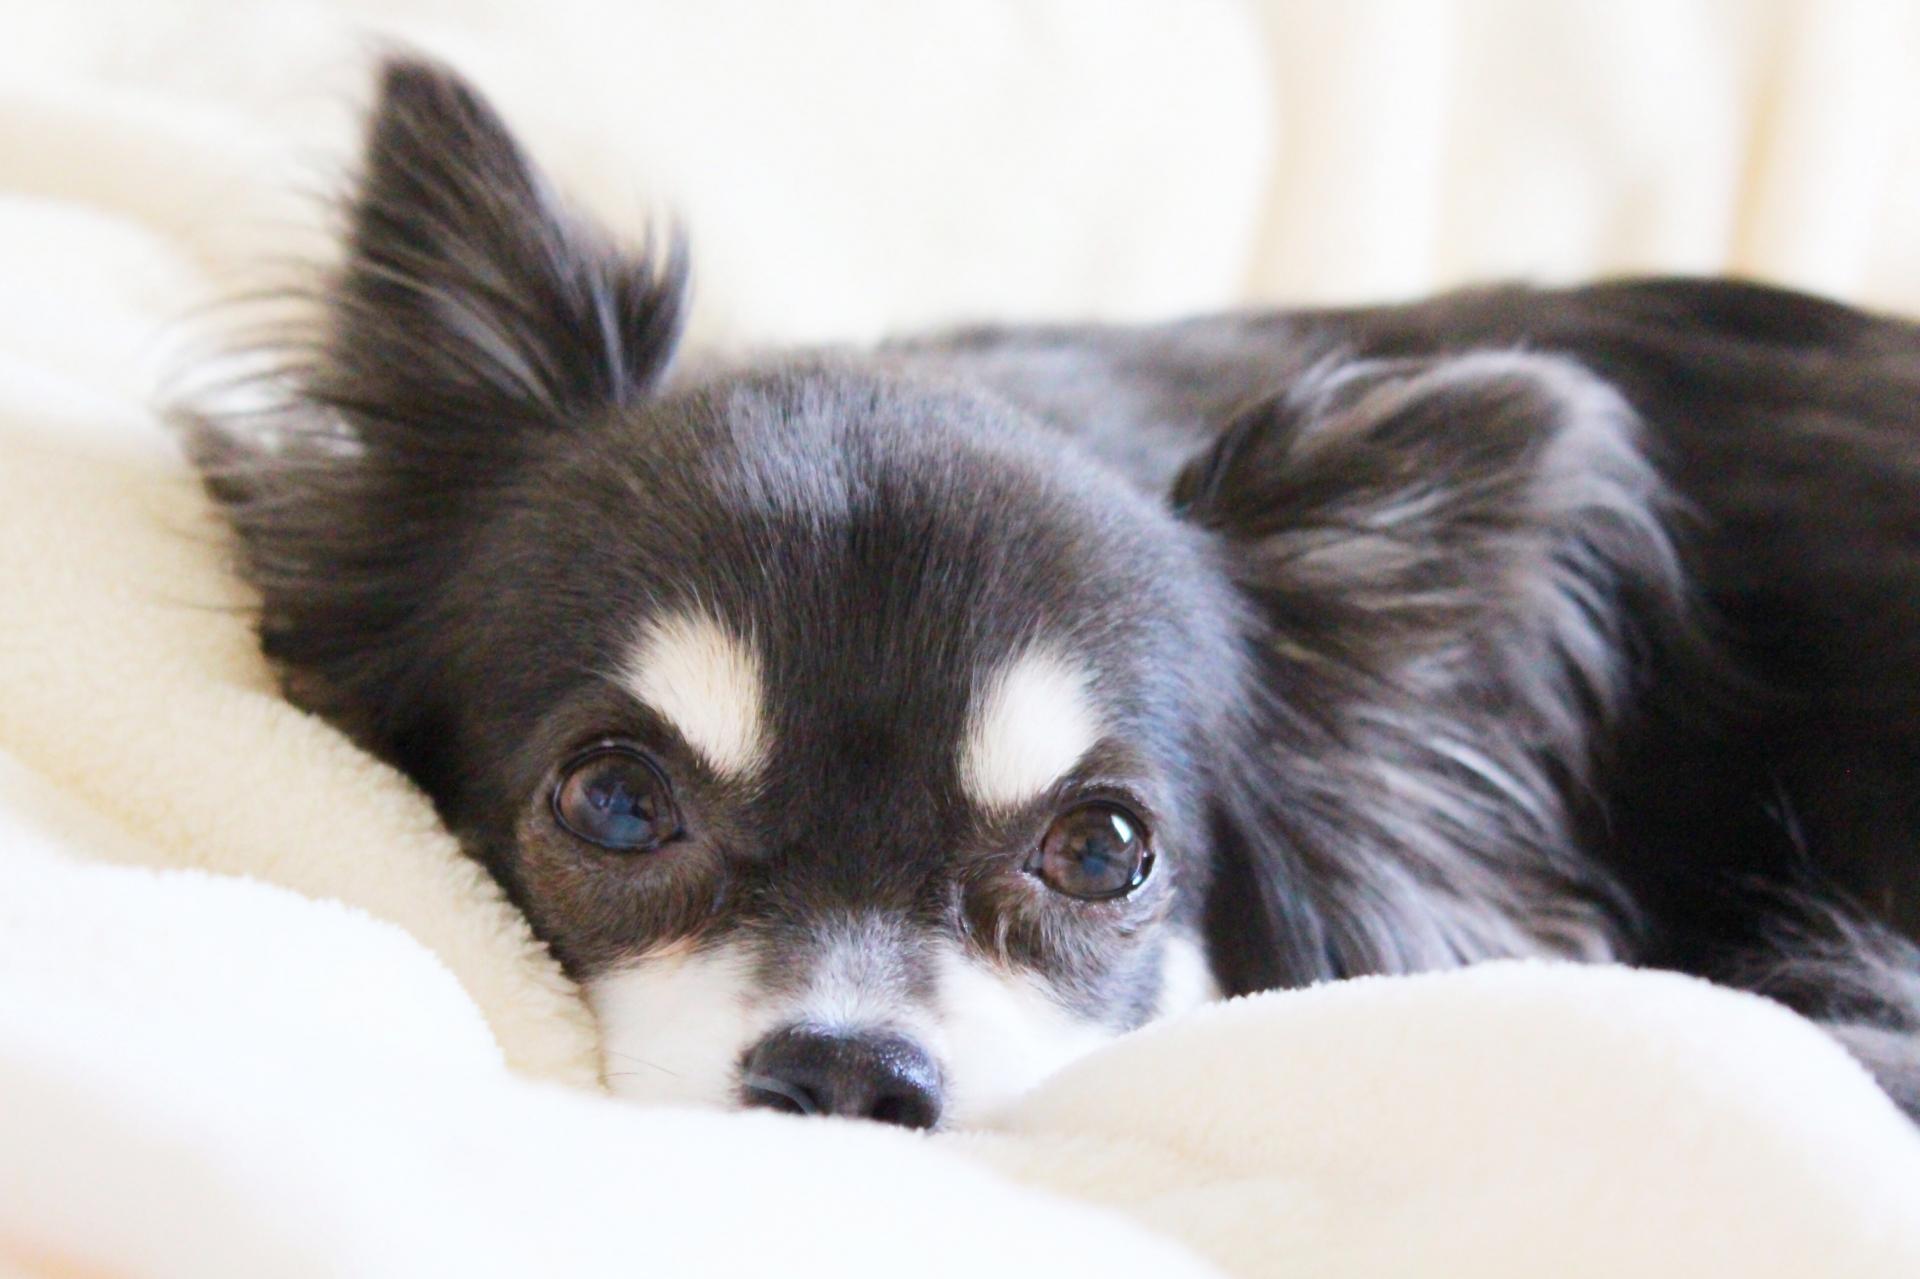 愛犬が老犬になったときの飼い主の心構えとその知識について